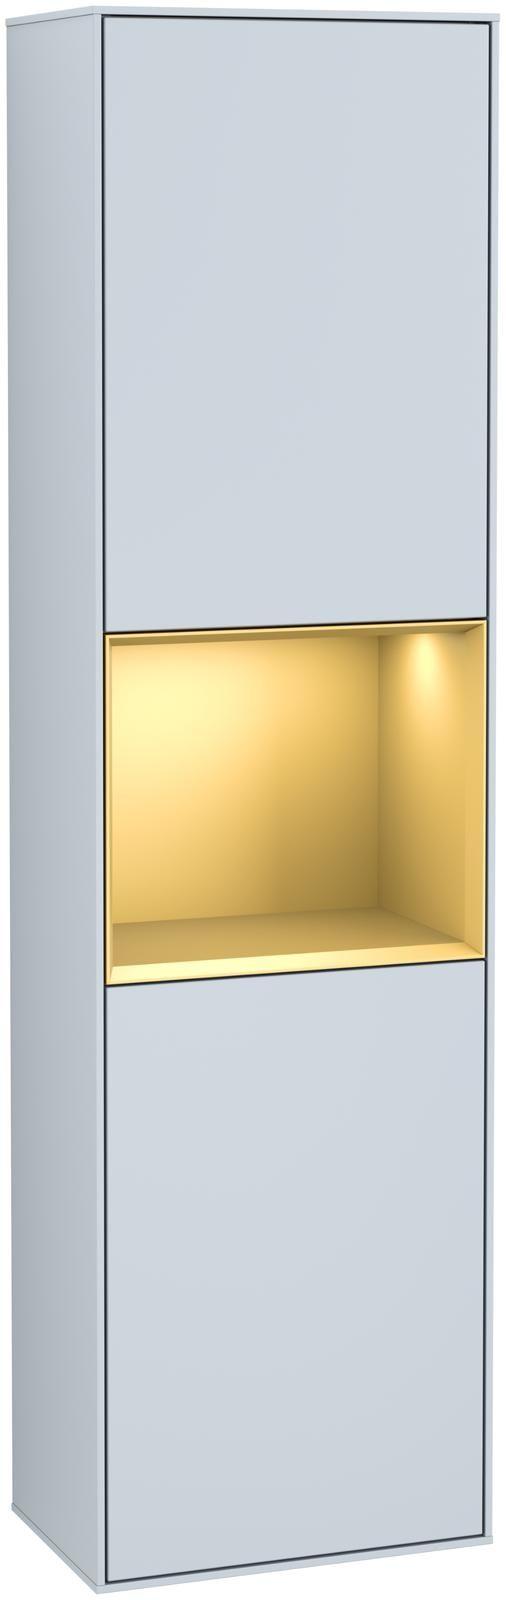 Villeroy & Boch Finion G46 Hochschrank mit Regalelement 2 Türen Anschlag links LED-Beleuchtung B:41,8xH:151,6xT:27cm Front, Korpus: Cloud, Regal: Gold Matt G460HFHA